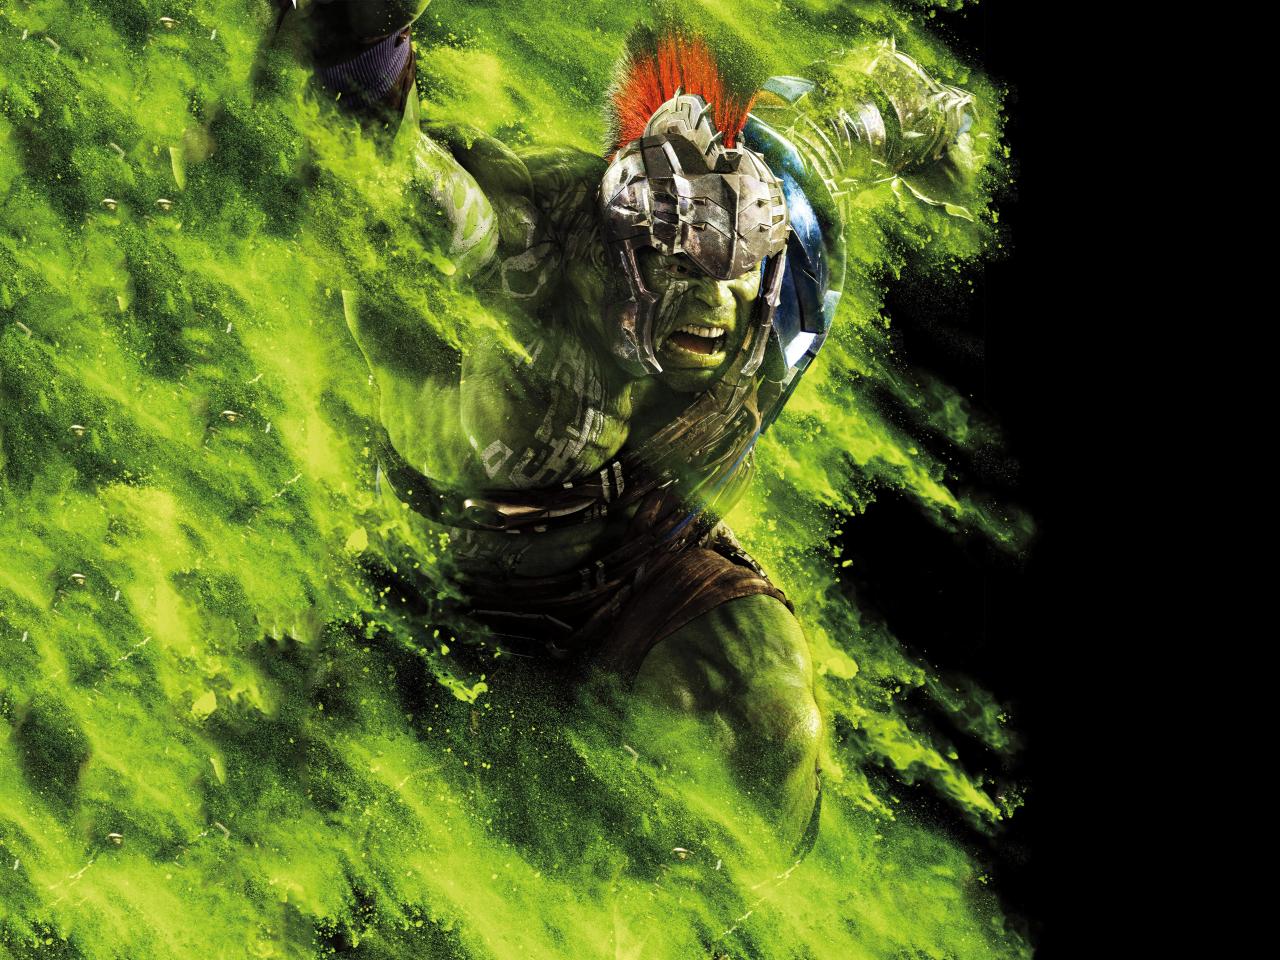 Hulk In Thor Ragnarok, HD 4K Wallpaper